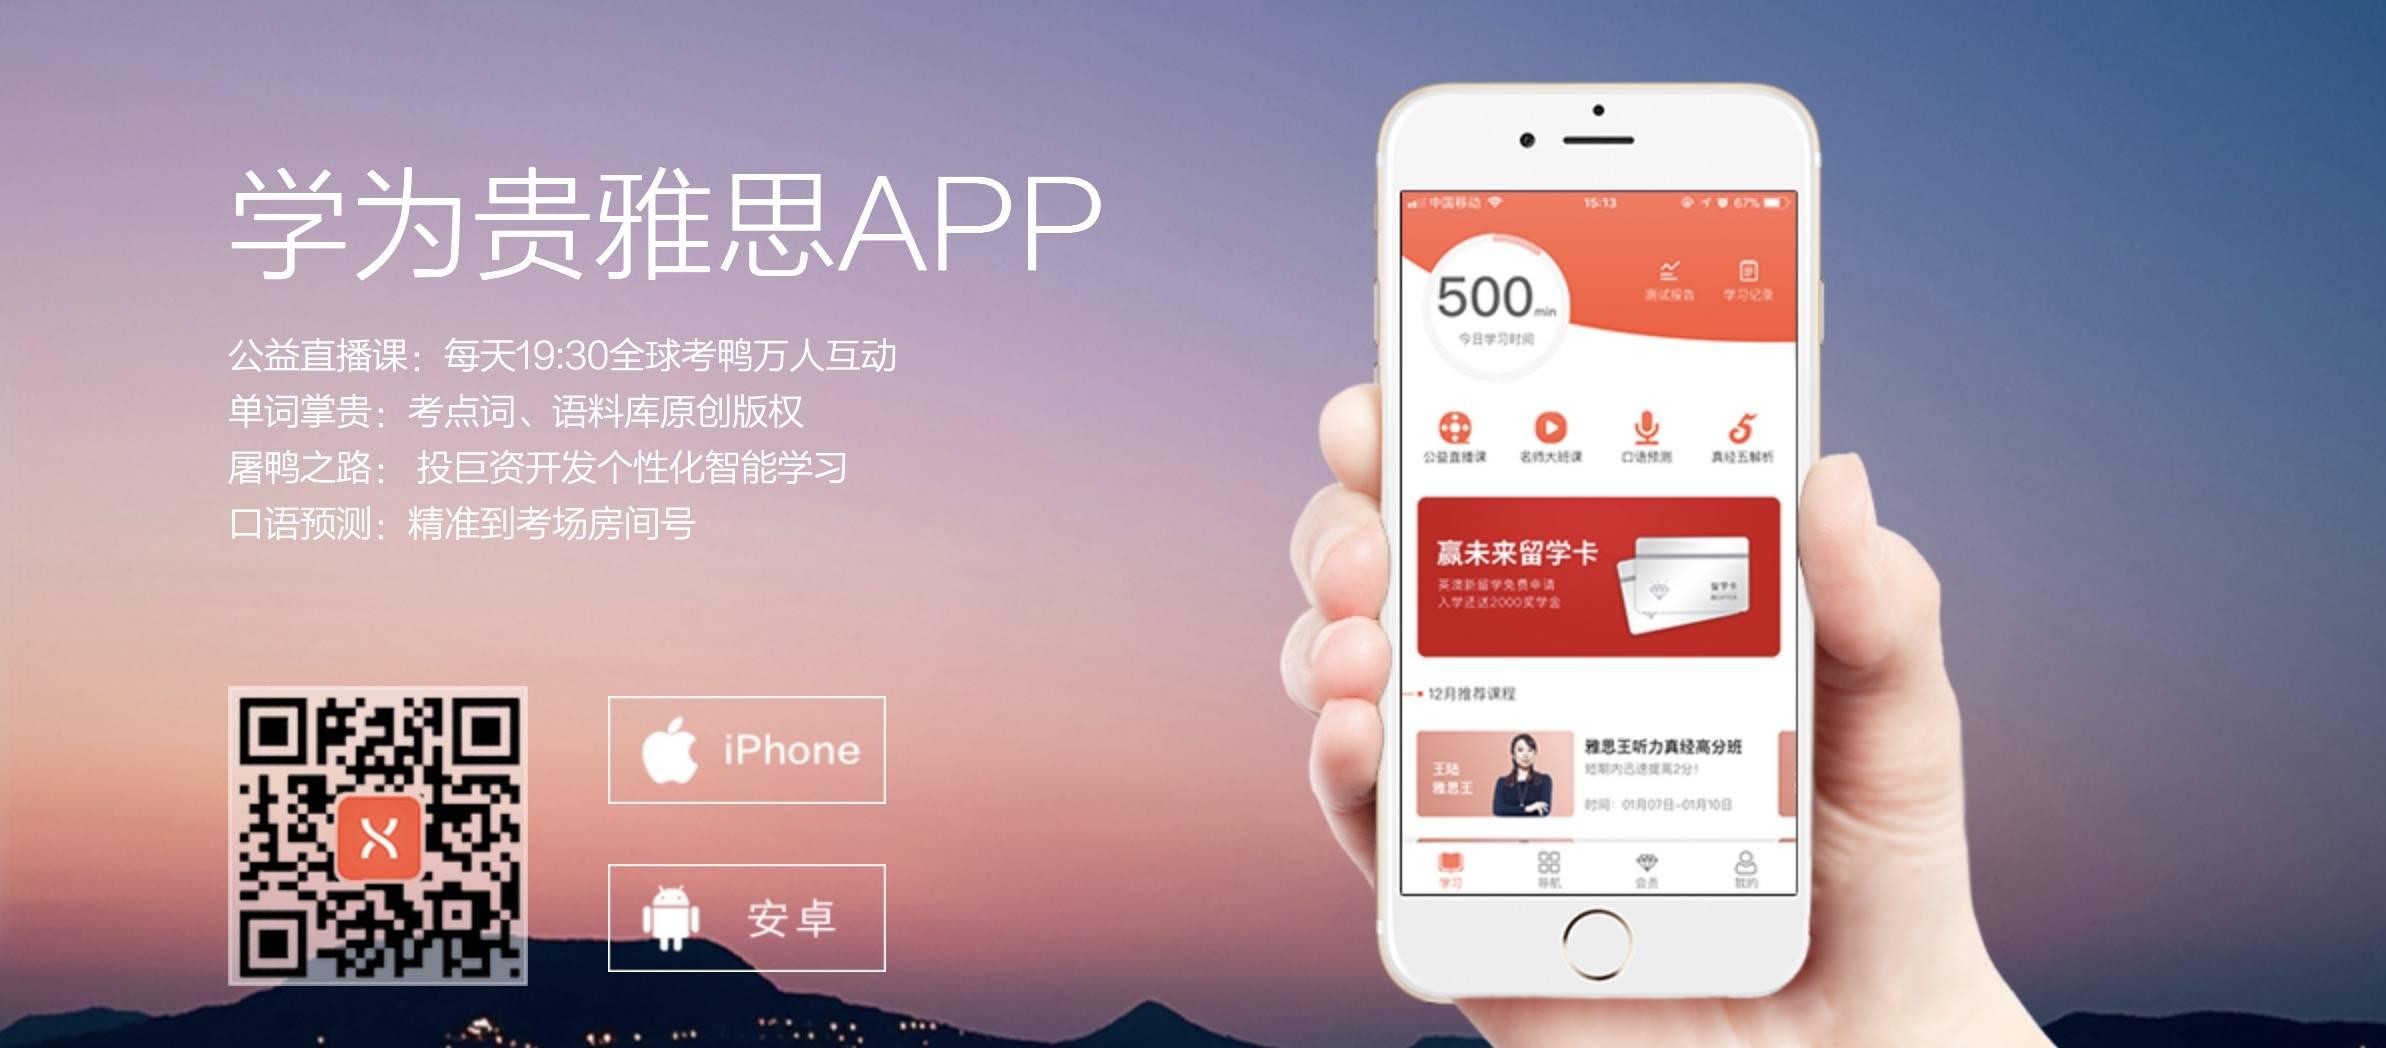 哈尔滨雅思培训app